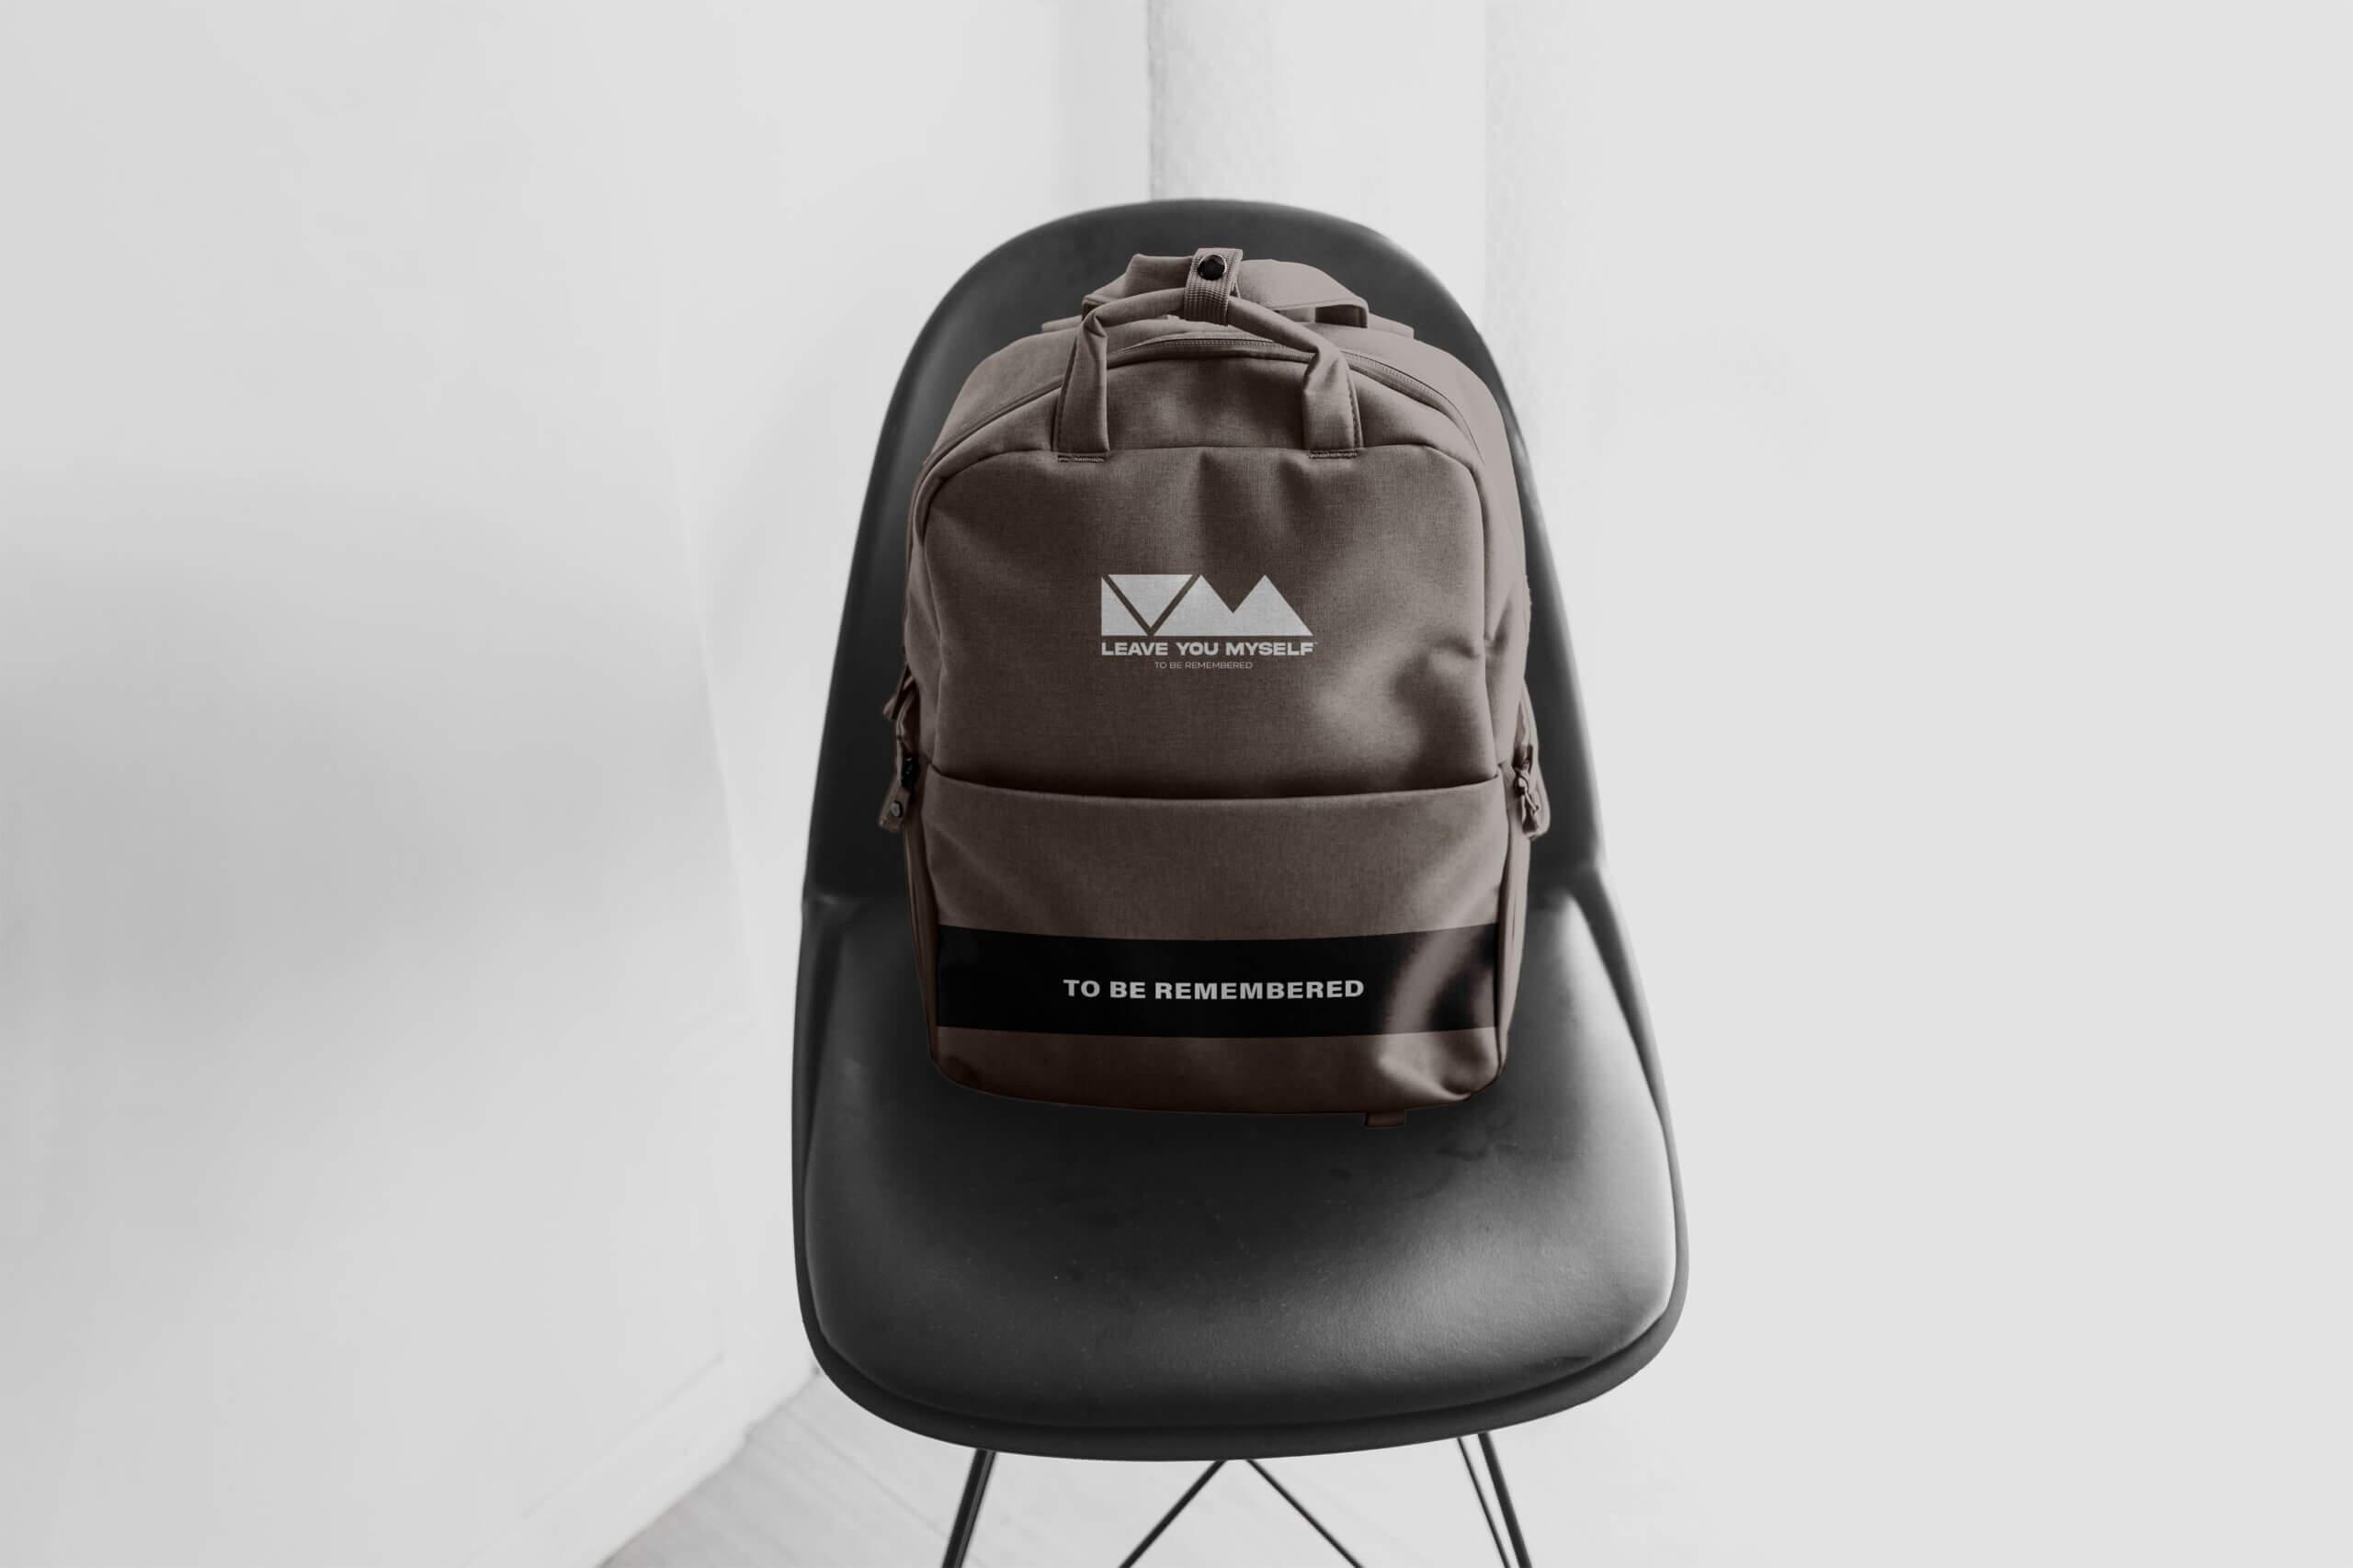 Leave You Myself - Backpack